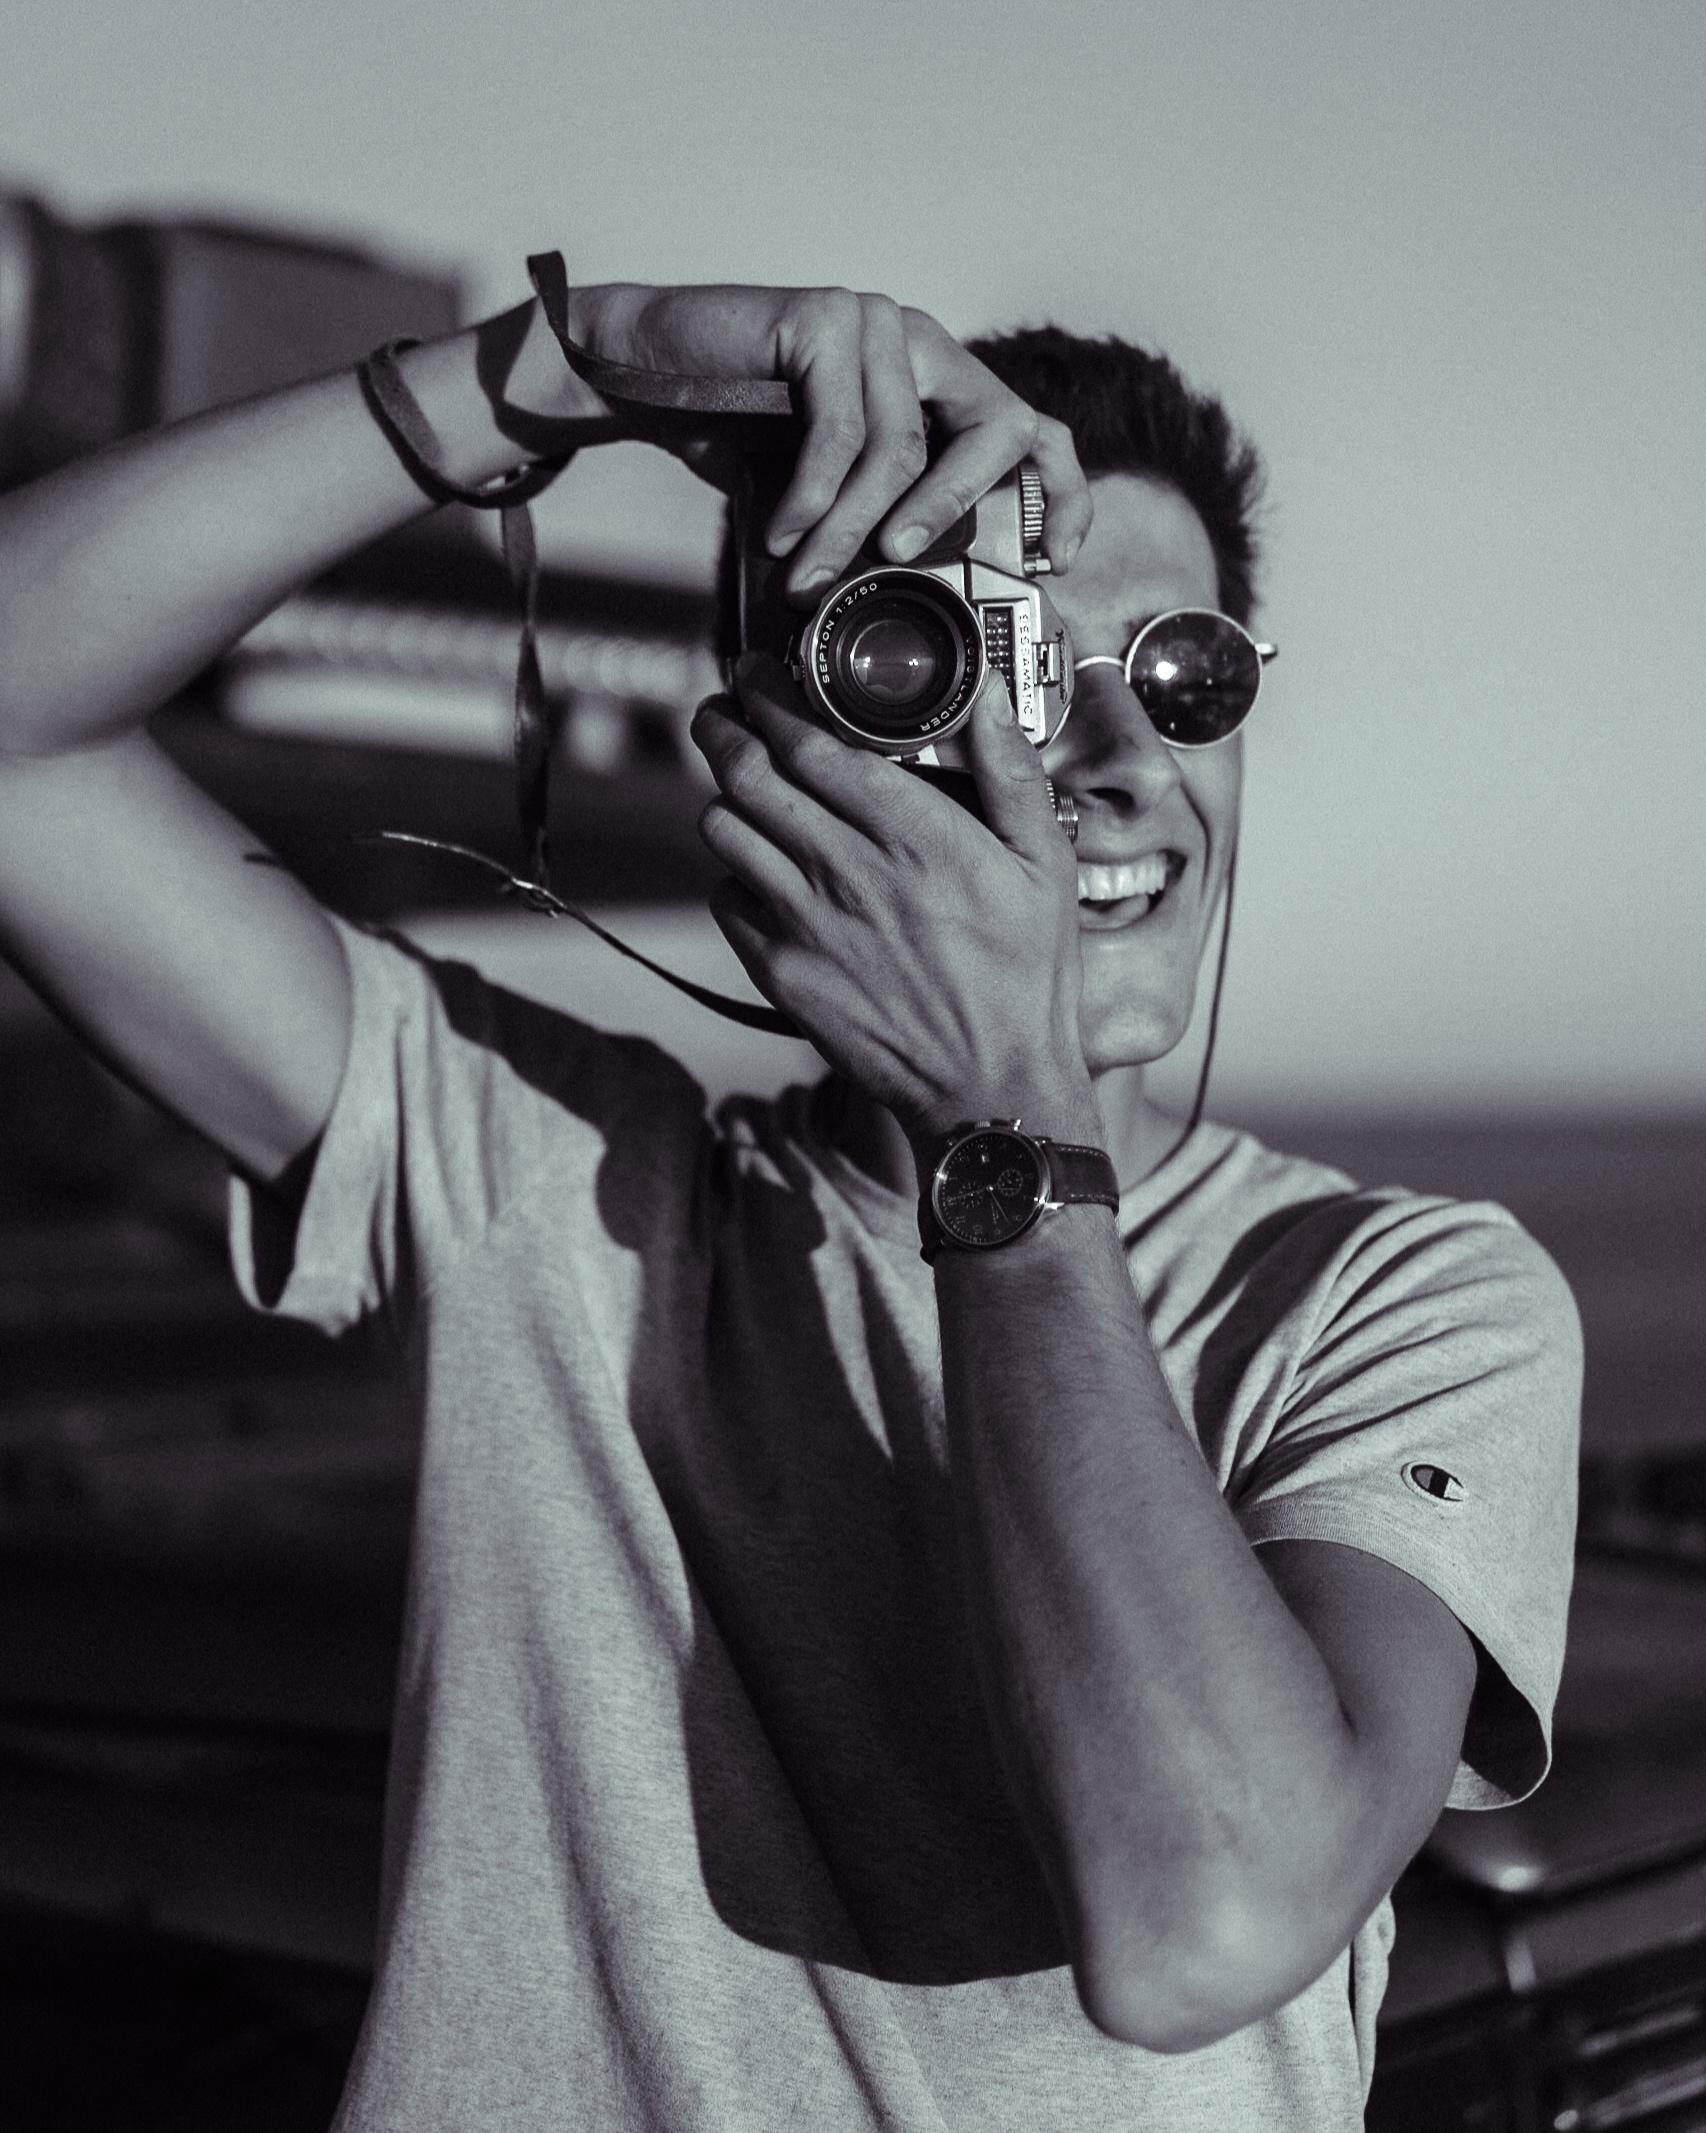 Grégoire - Ma passion pour la vidéo à commencé vers l'âge de 15 ans. À cette époque, je n'avais encore qu'une gopro mais c'était deja suffisant pour explorer mon côté créatif. J'ai commencé par quelques videos de mariages et tout s'est très vite enchaîné: videos corporate, événements, soiree, festivals et j'en passe... Actuellement, je travaille depuis mon van (Henri). Avec lui je voyage à travers le monde à la recherche des plus beaux endroits de notre planète afin de les documenter et de les partager sur mes réseaux sociaux.